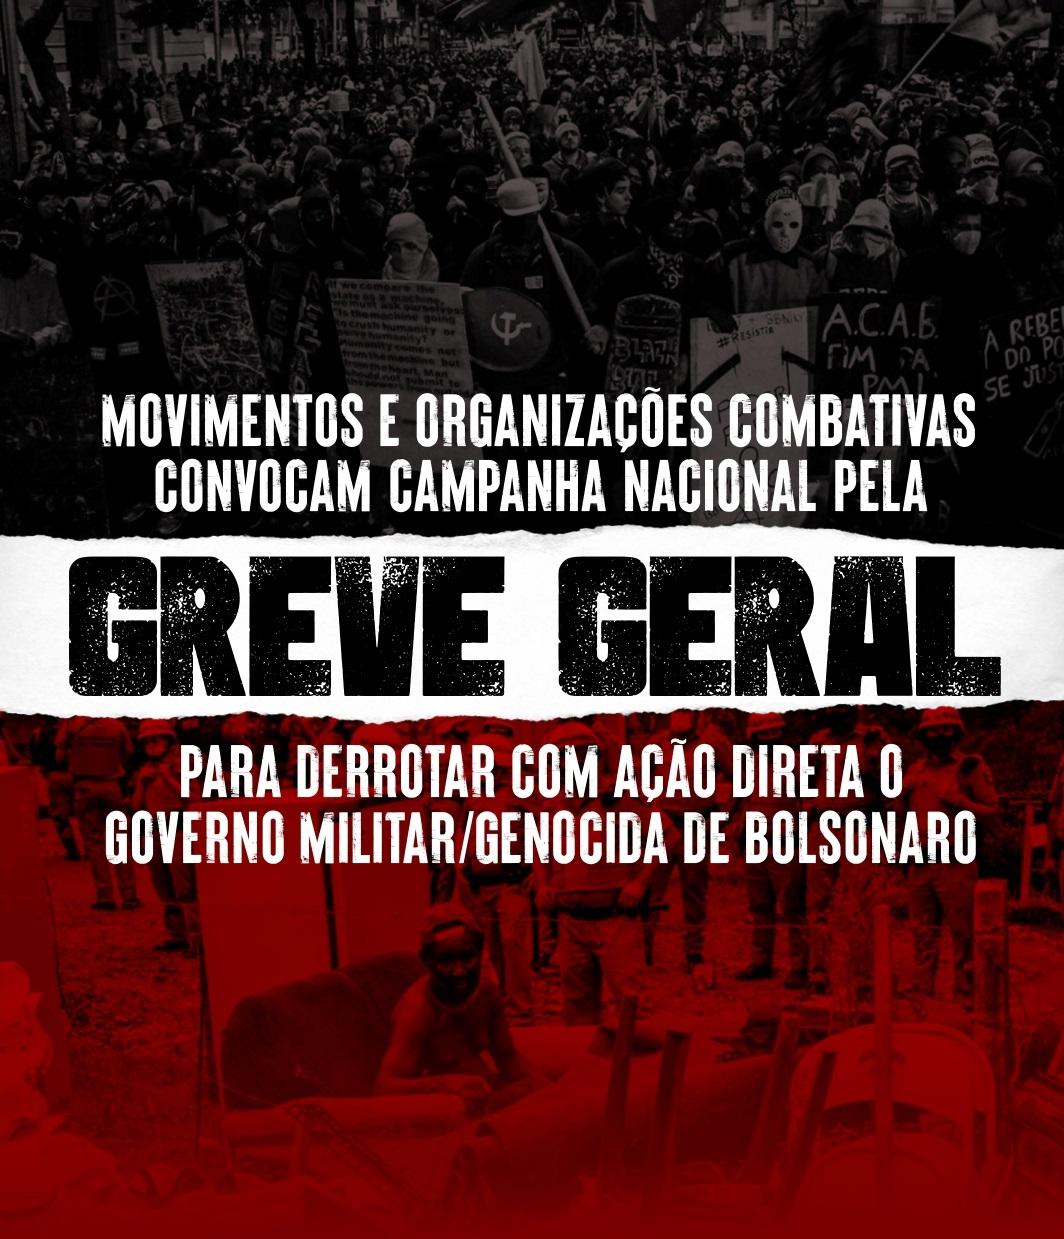 Campanha pela Greve Geral: derrotar com ação direta o governo militar/genocida de Bolsonaro